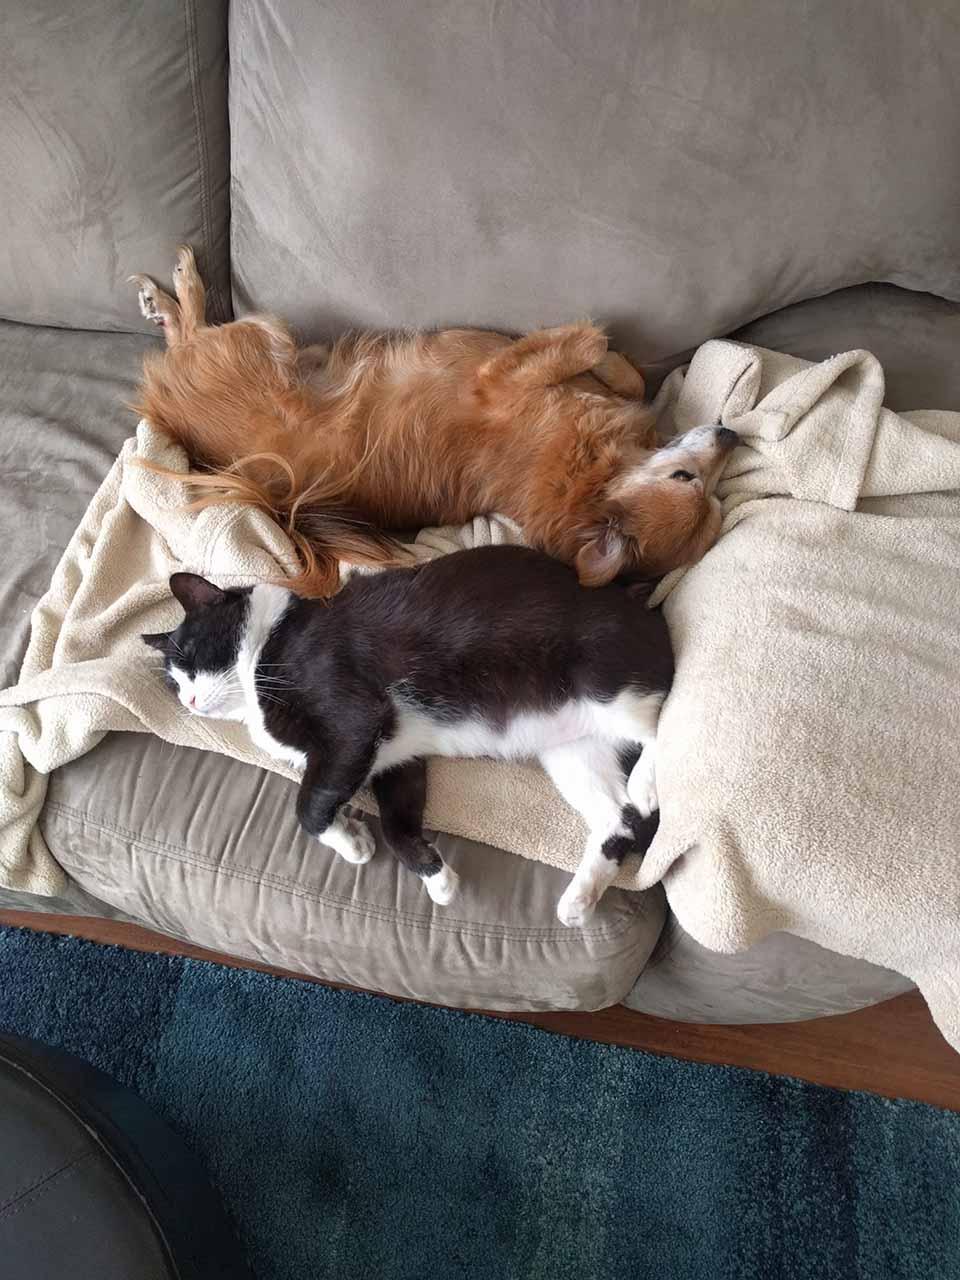 Perro y gato duermen juntos en sofá